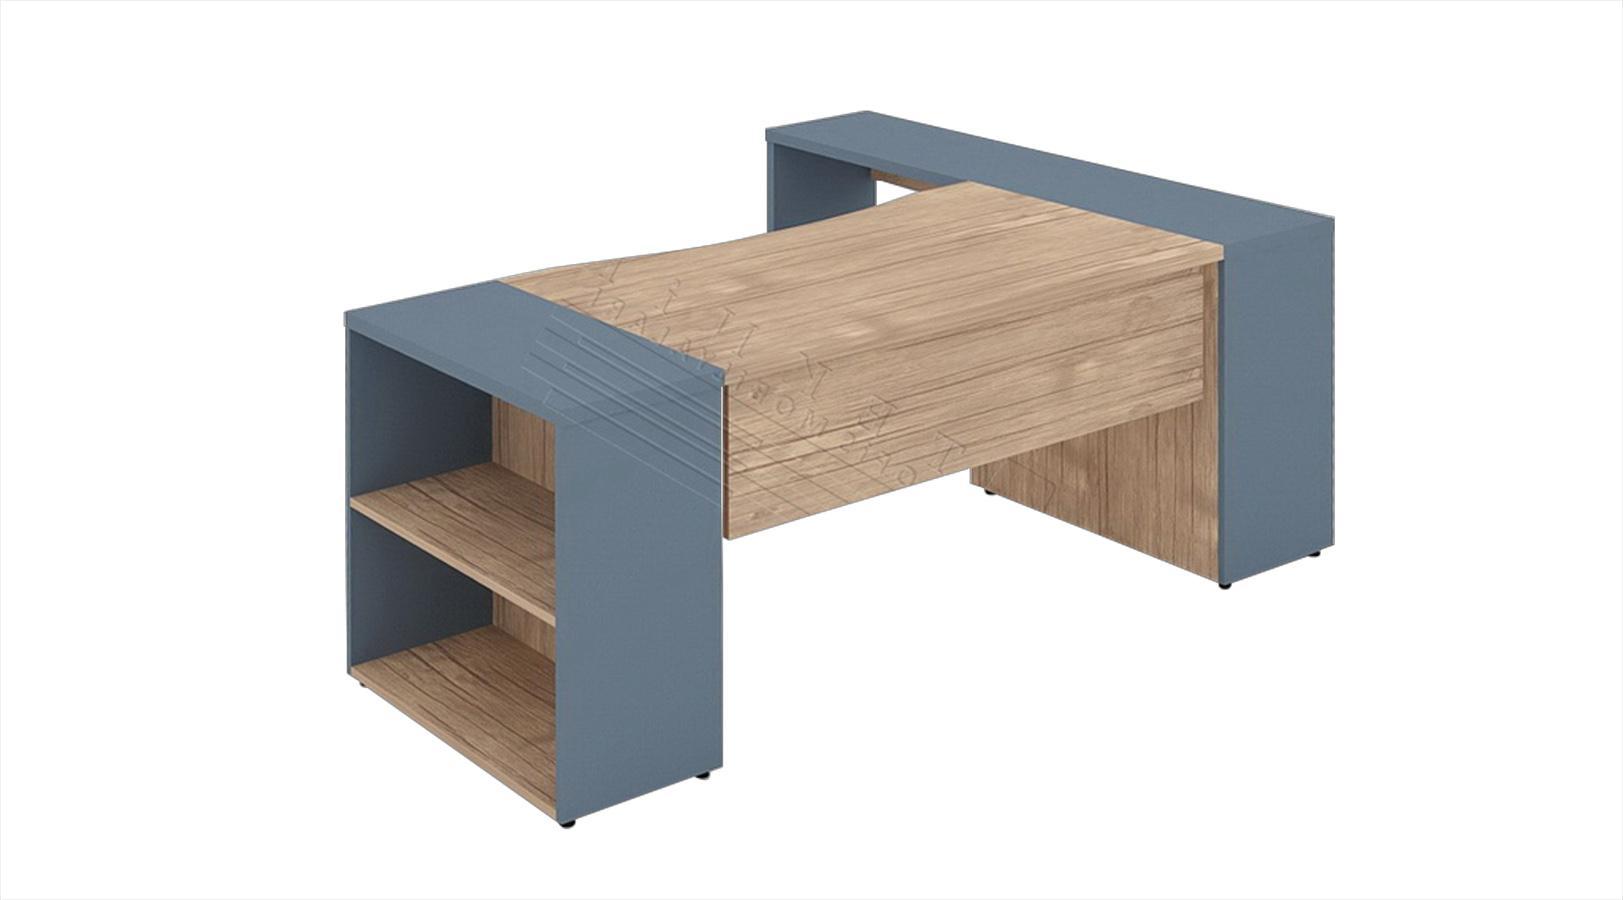 mahi yönetici masası 200cm